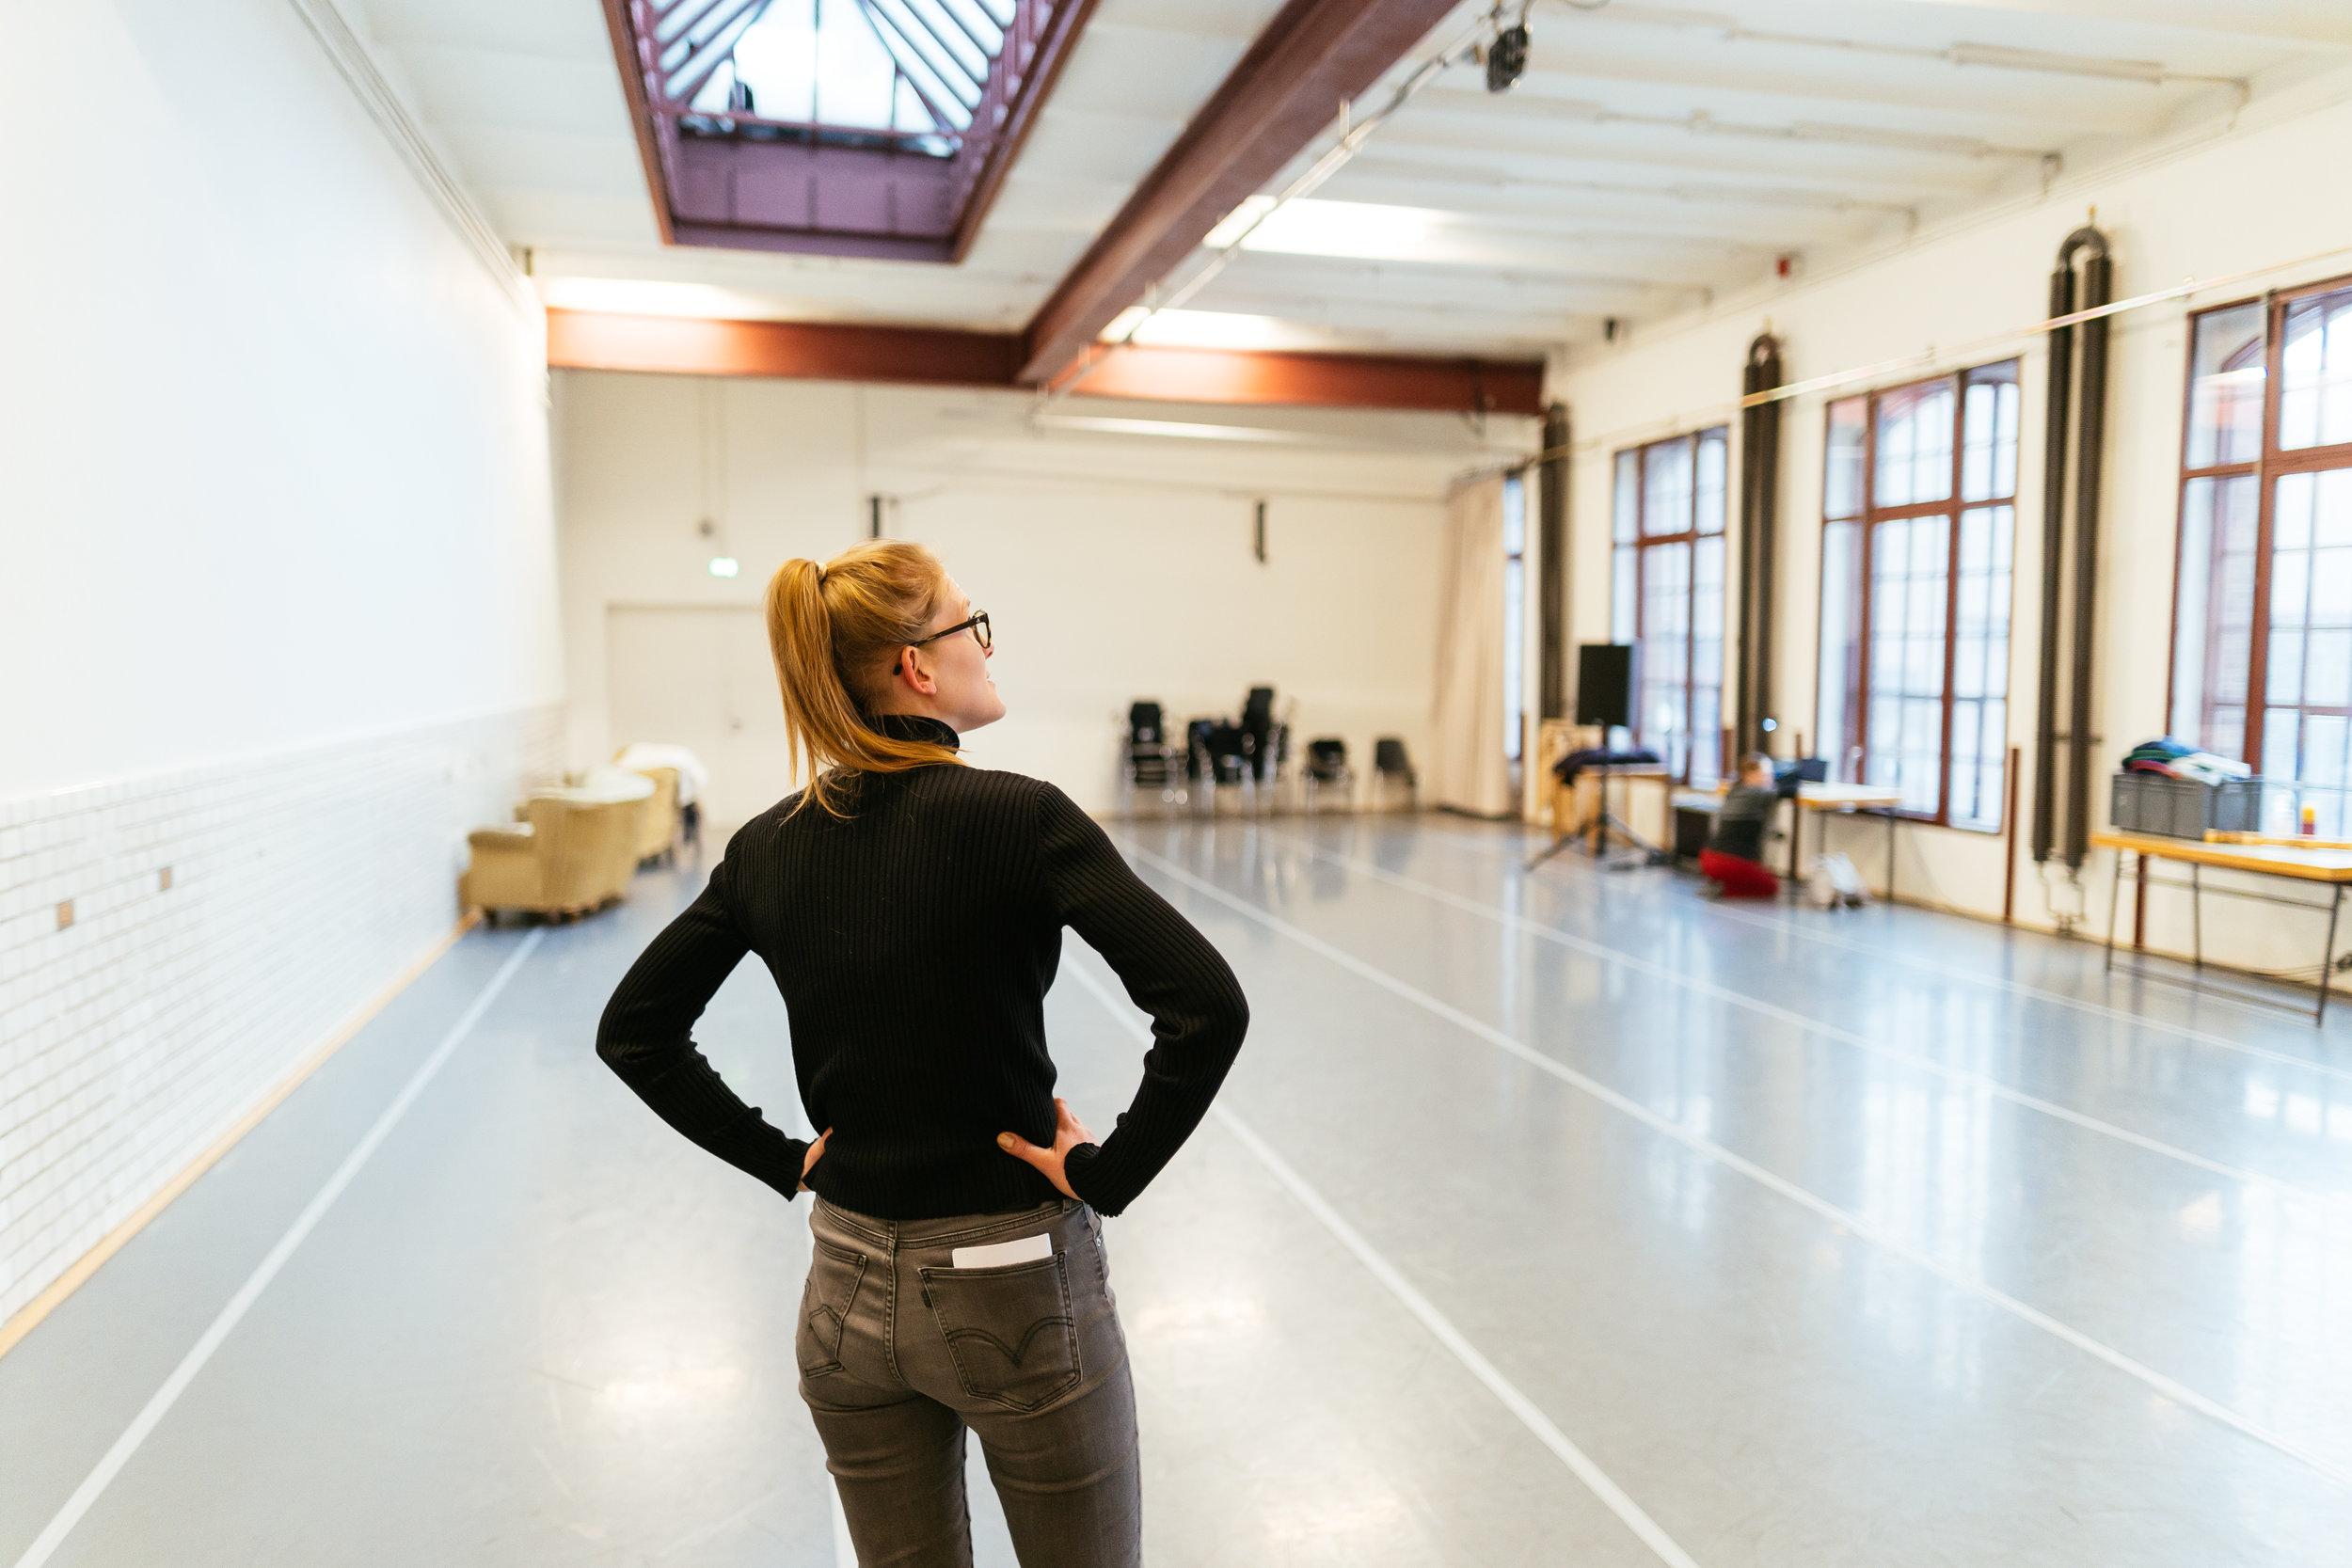 PACT bietet Raum– - hier können KünstlerInnen ohne Druck den besonderen Ort auf sich wirken lassen, Stücke (weiter–)entwickeln, reifen, das Ruhrgebiet und seine Menschen kennenlernen.